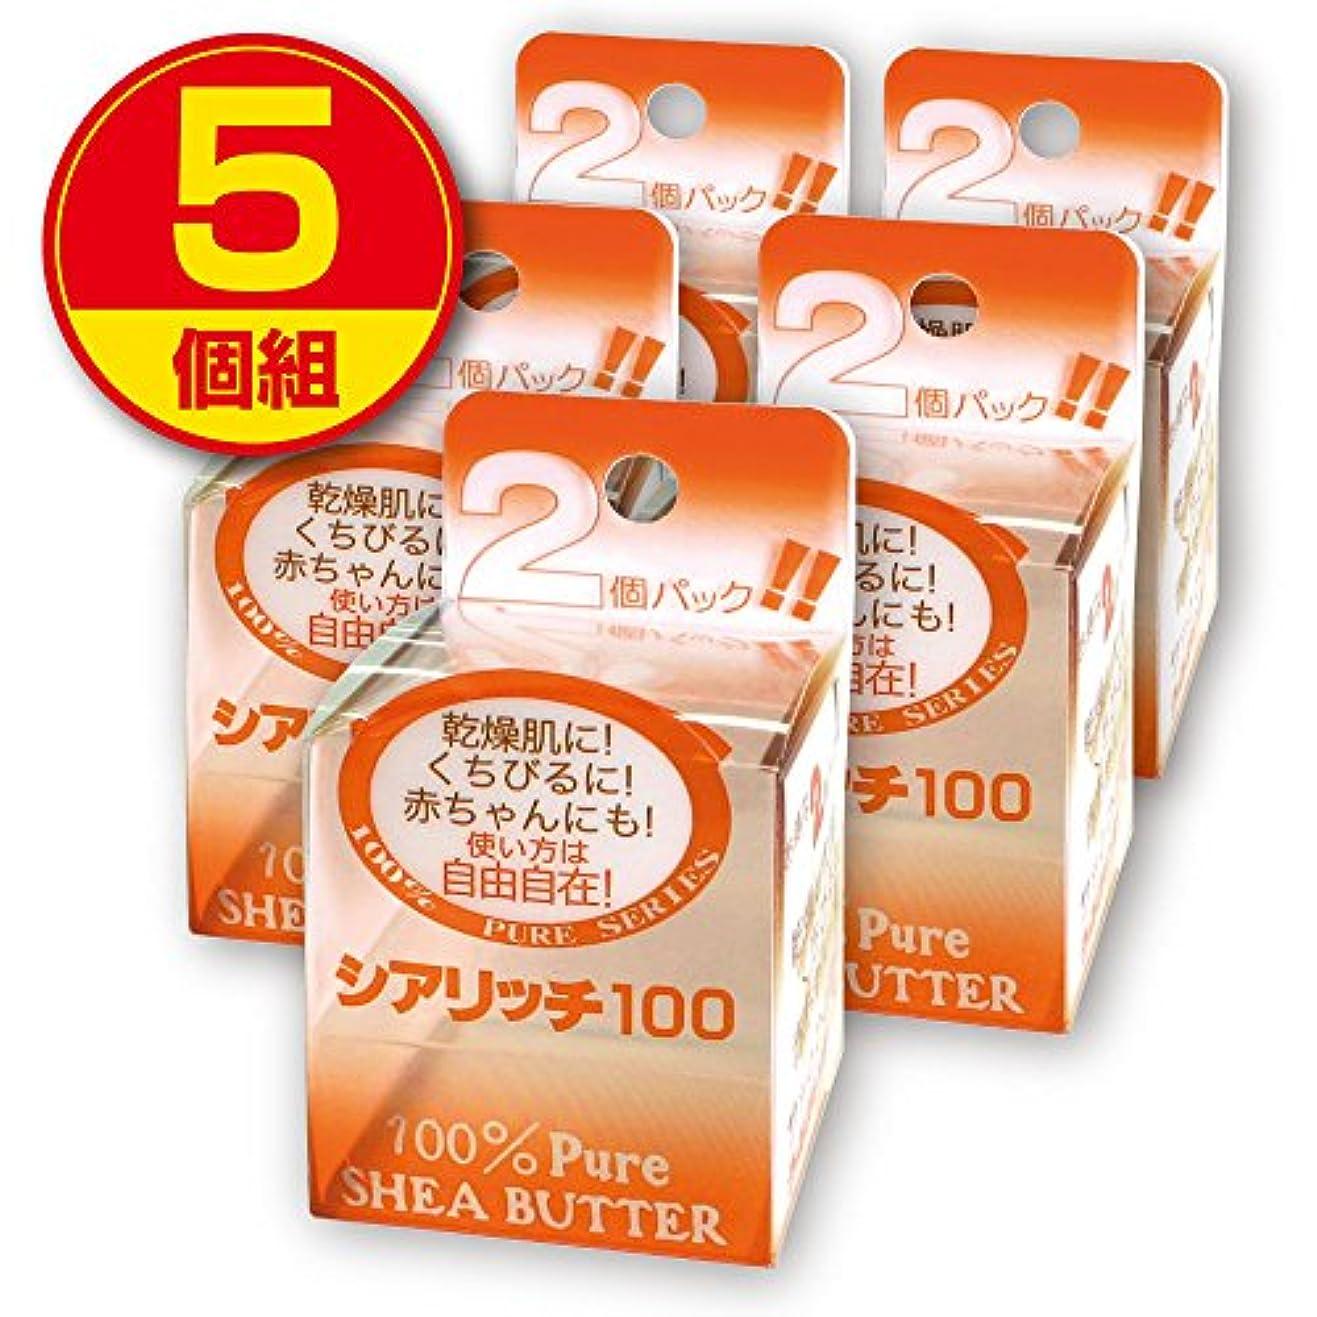 被るポジティブ最大日本天然物研究所 シアリッチ100 (8g×2個入り)【5個組】(無添加100%シアバター)無香料